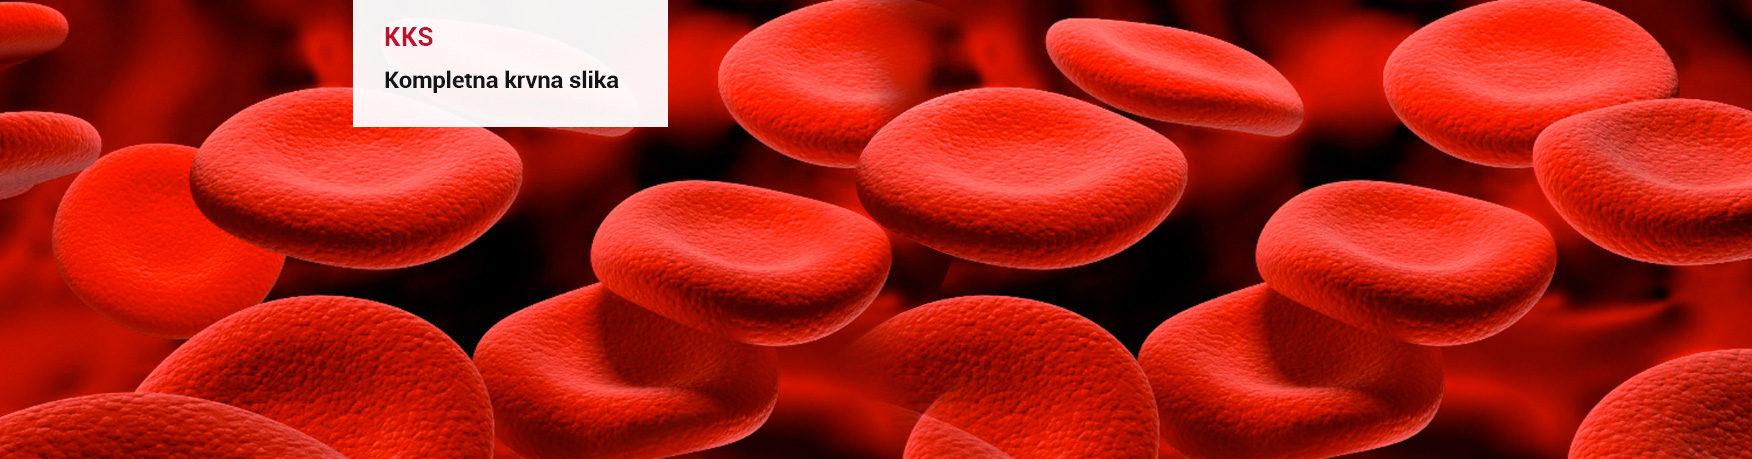 Kompletna krvna slika